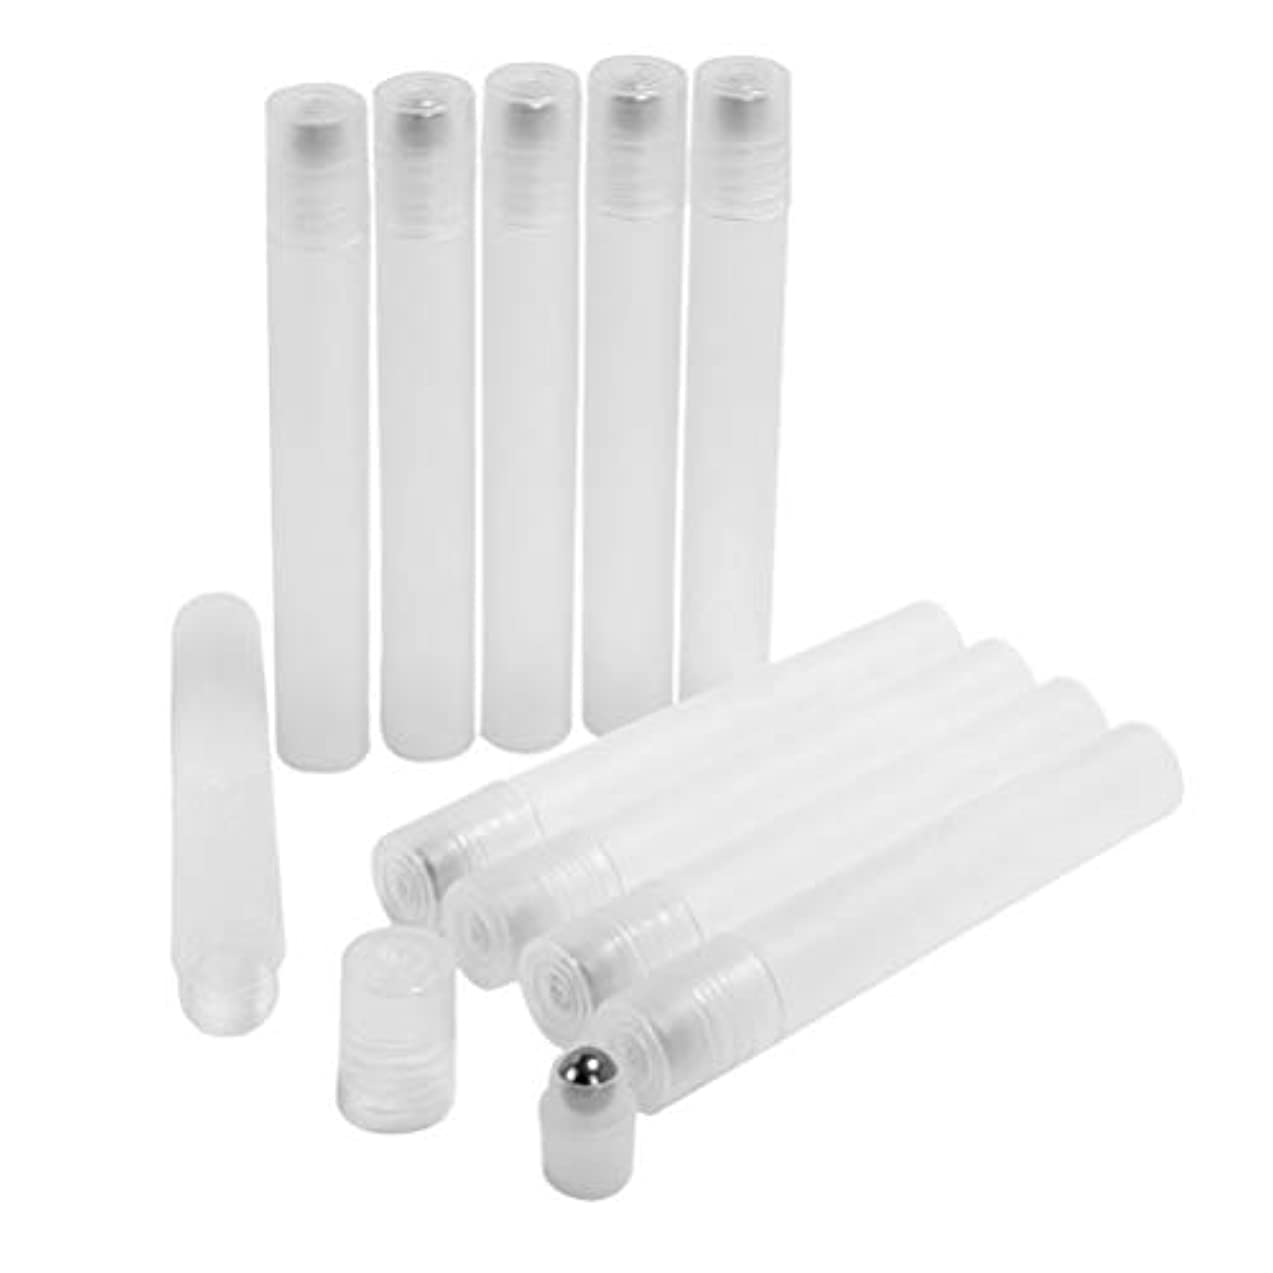 足別れるスポンジFrcolor ロールオンボトル 10ml ロールタイプ 精油 香水 小分け用 多機能 アロマボトル 保存容器 10本セット 透明